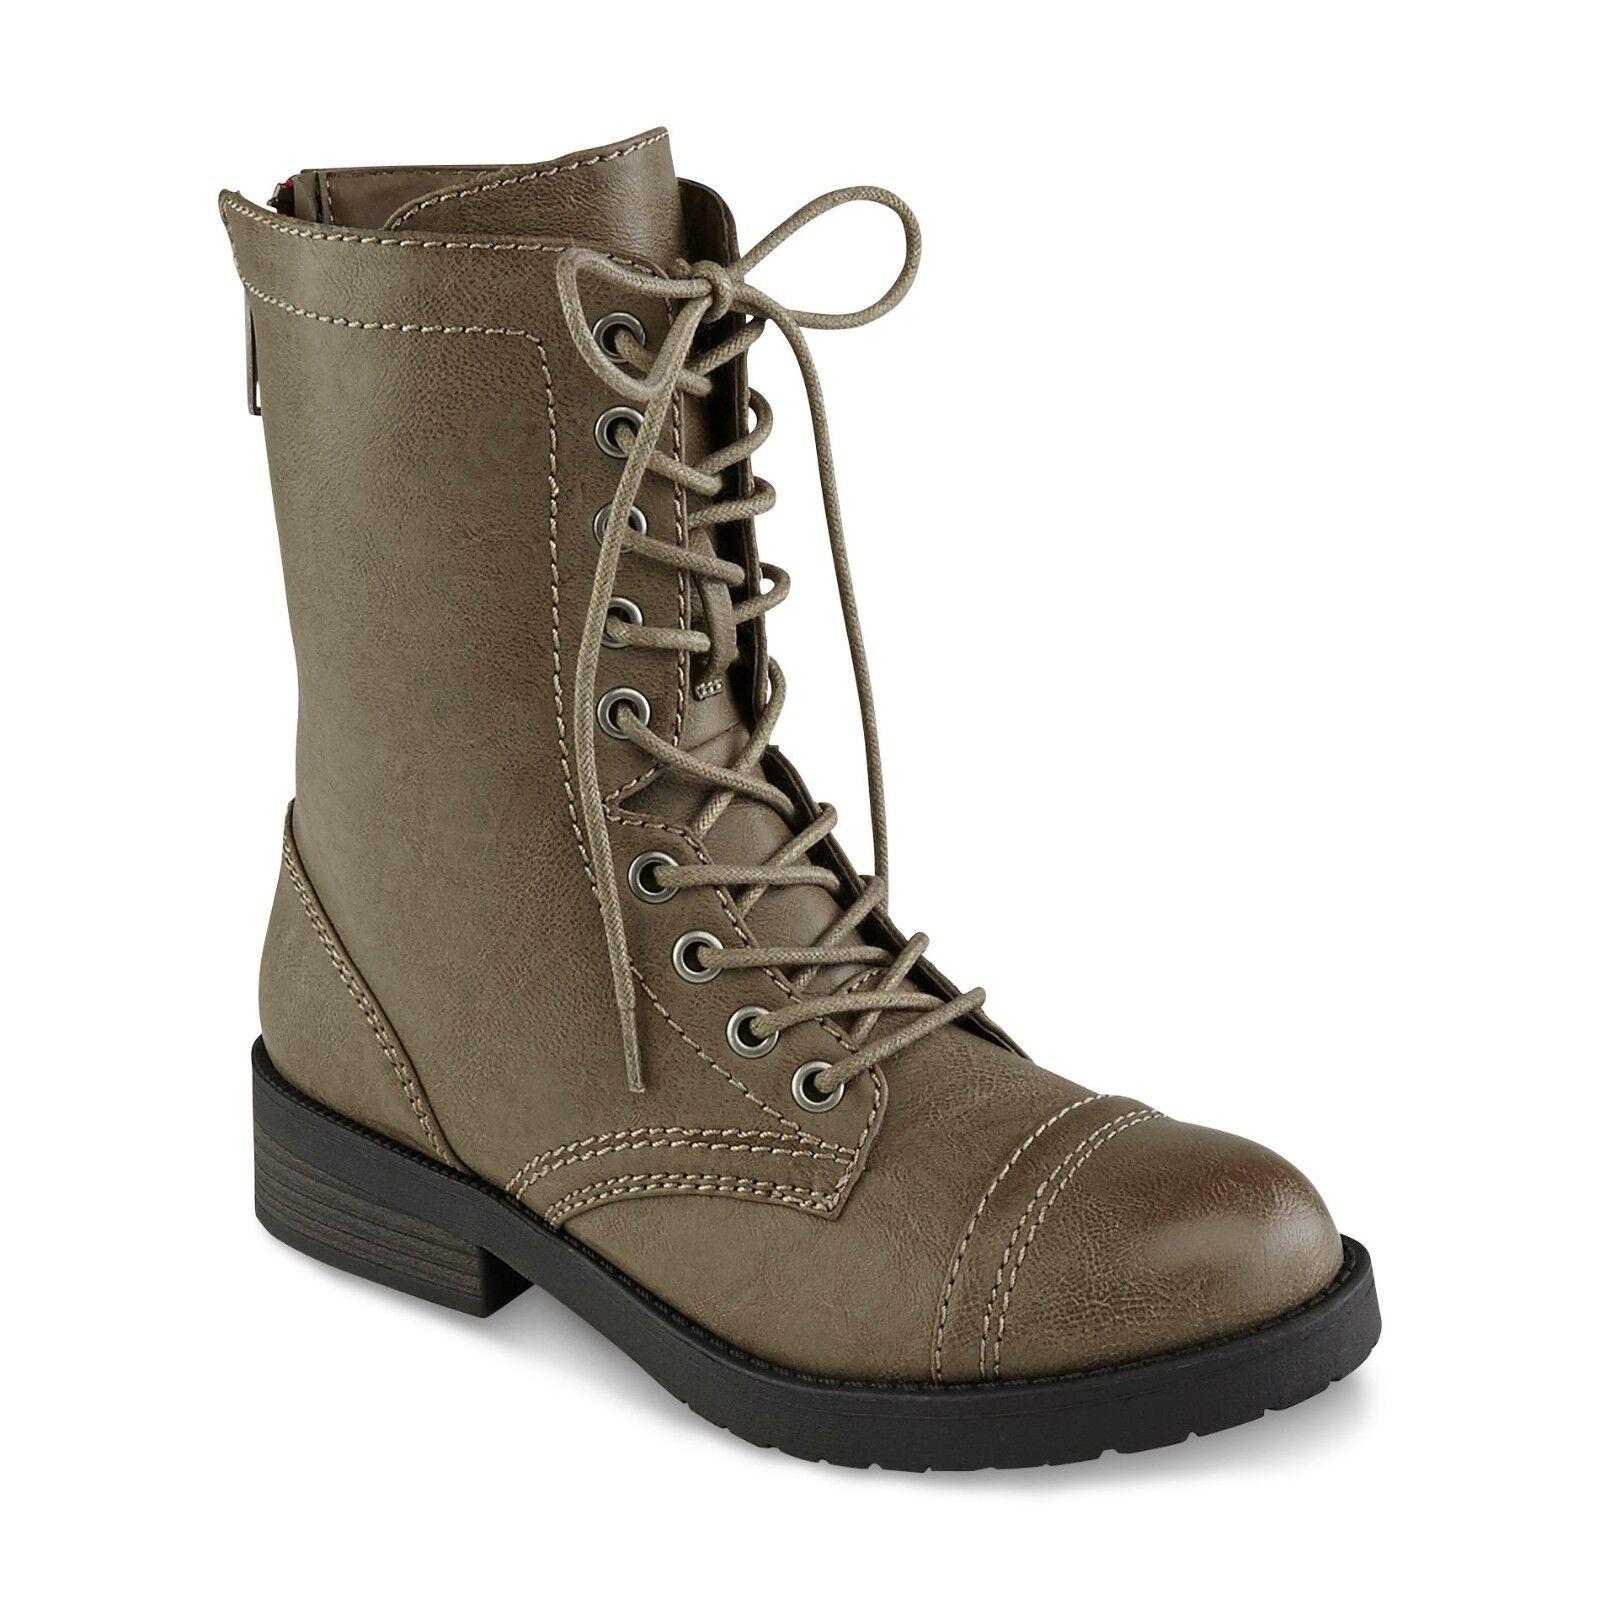 Joe Boxer Women's Brown Alabama Mid-Calf Combat  Boots Size 10 Medium